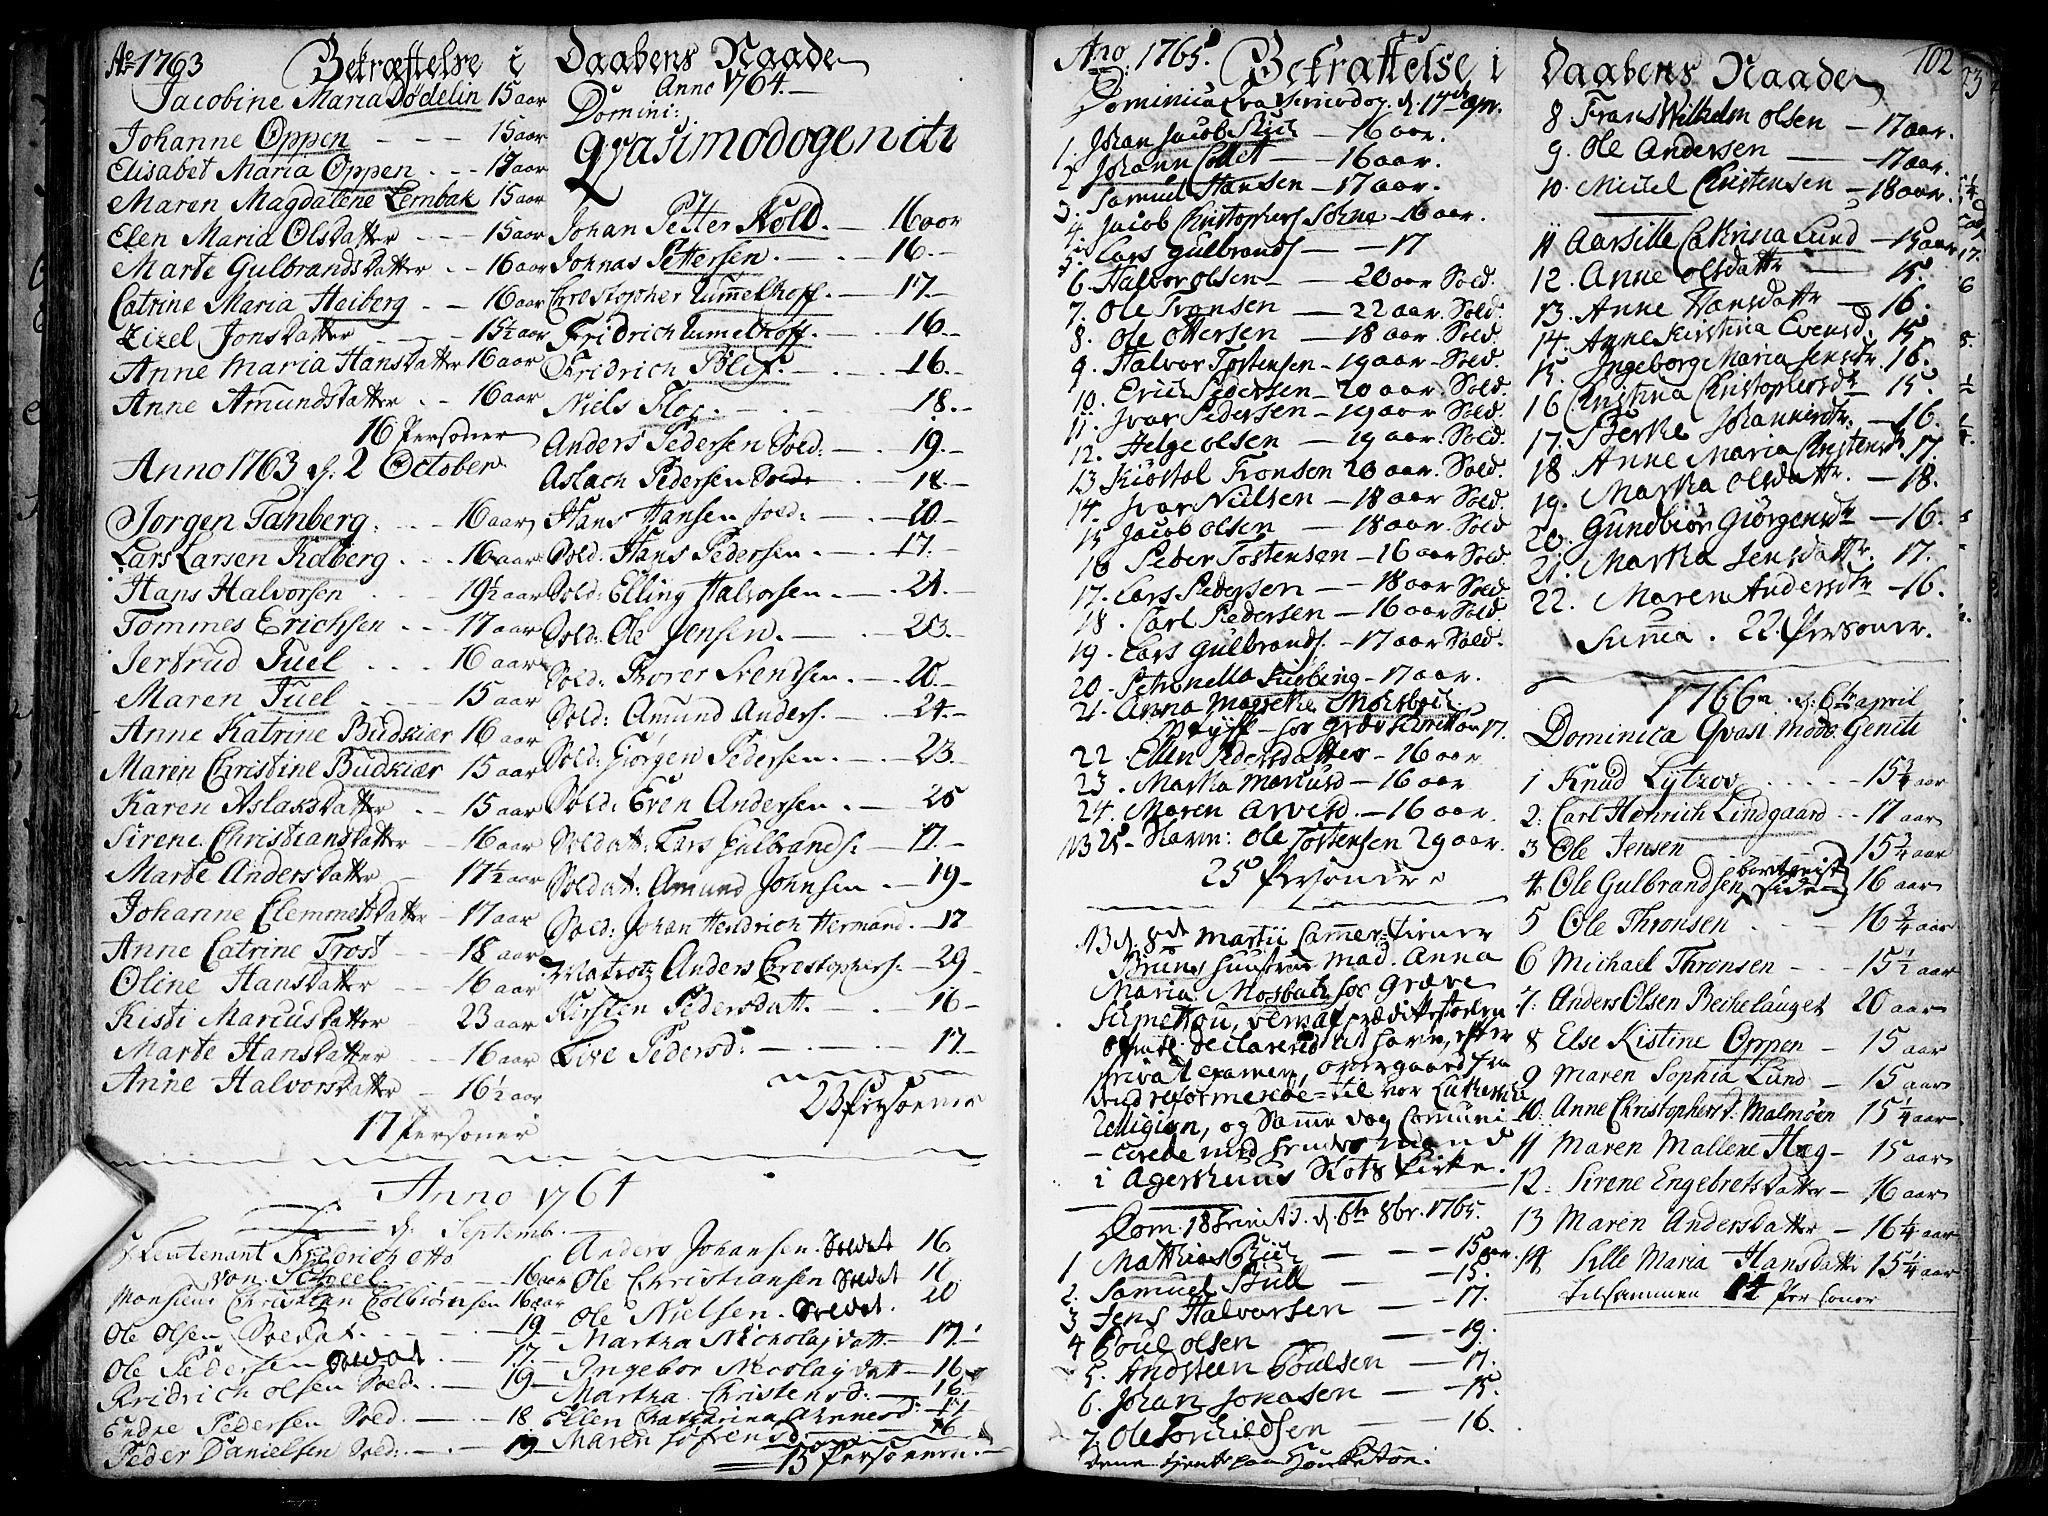 SAO, Garnisonsmenigheten Kirkebøker, F/Fa/L0002: Parish register (official) no. 2, 1757-1776, p. 102